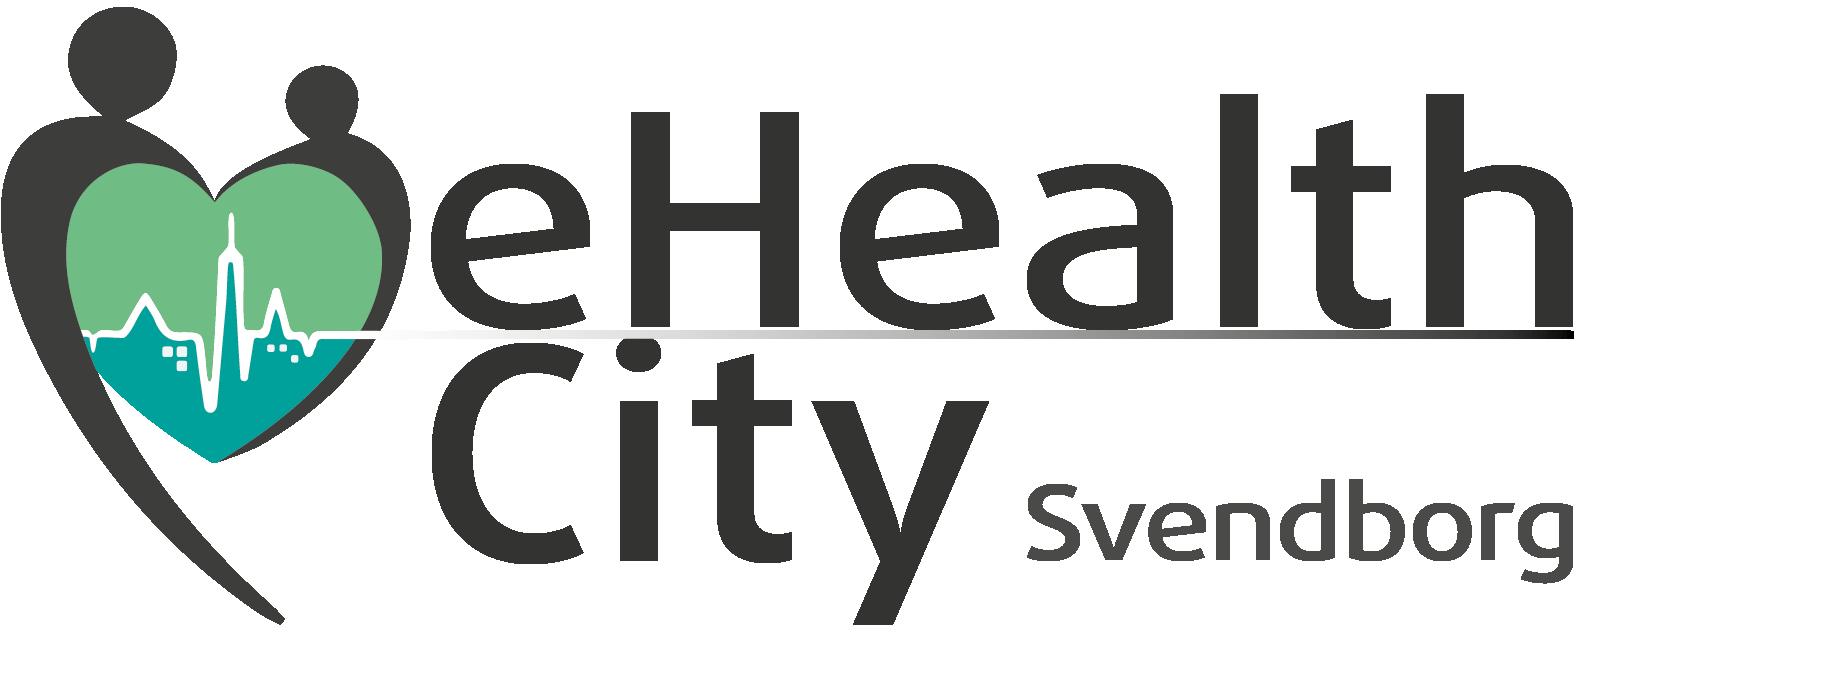 eHealth City Svendborg